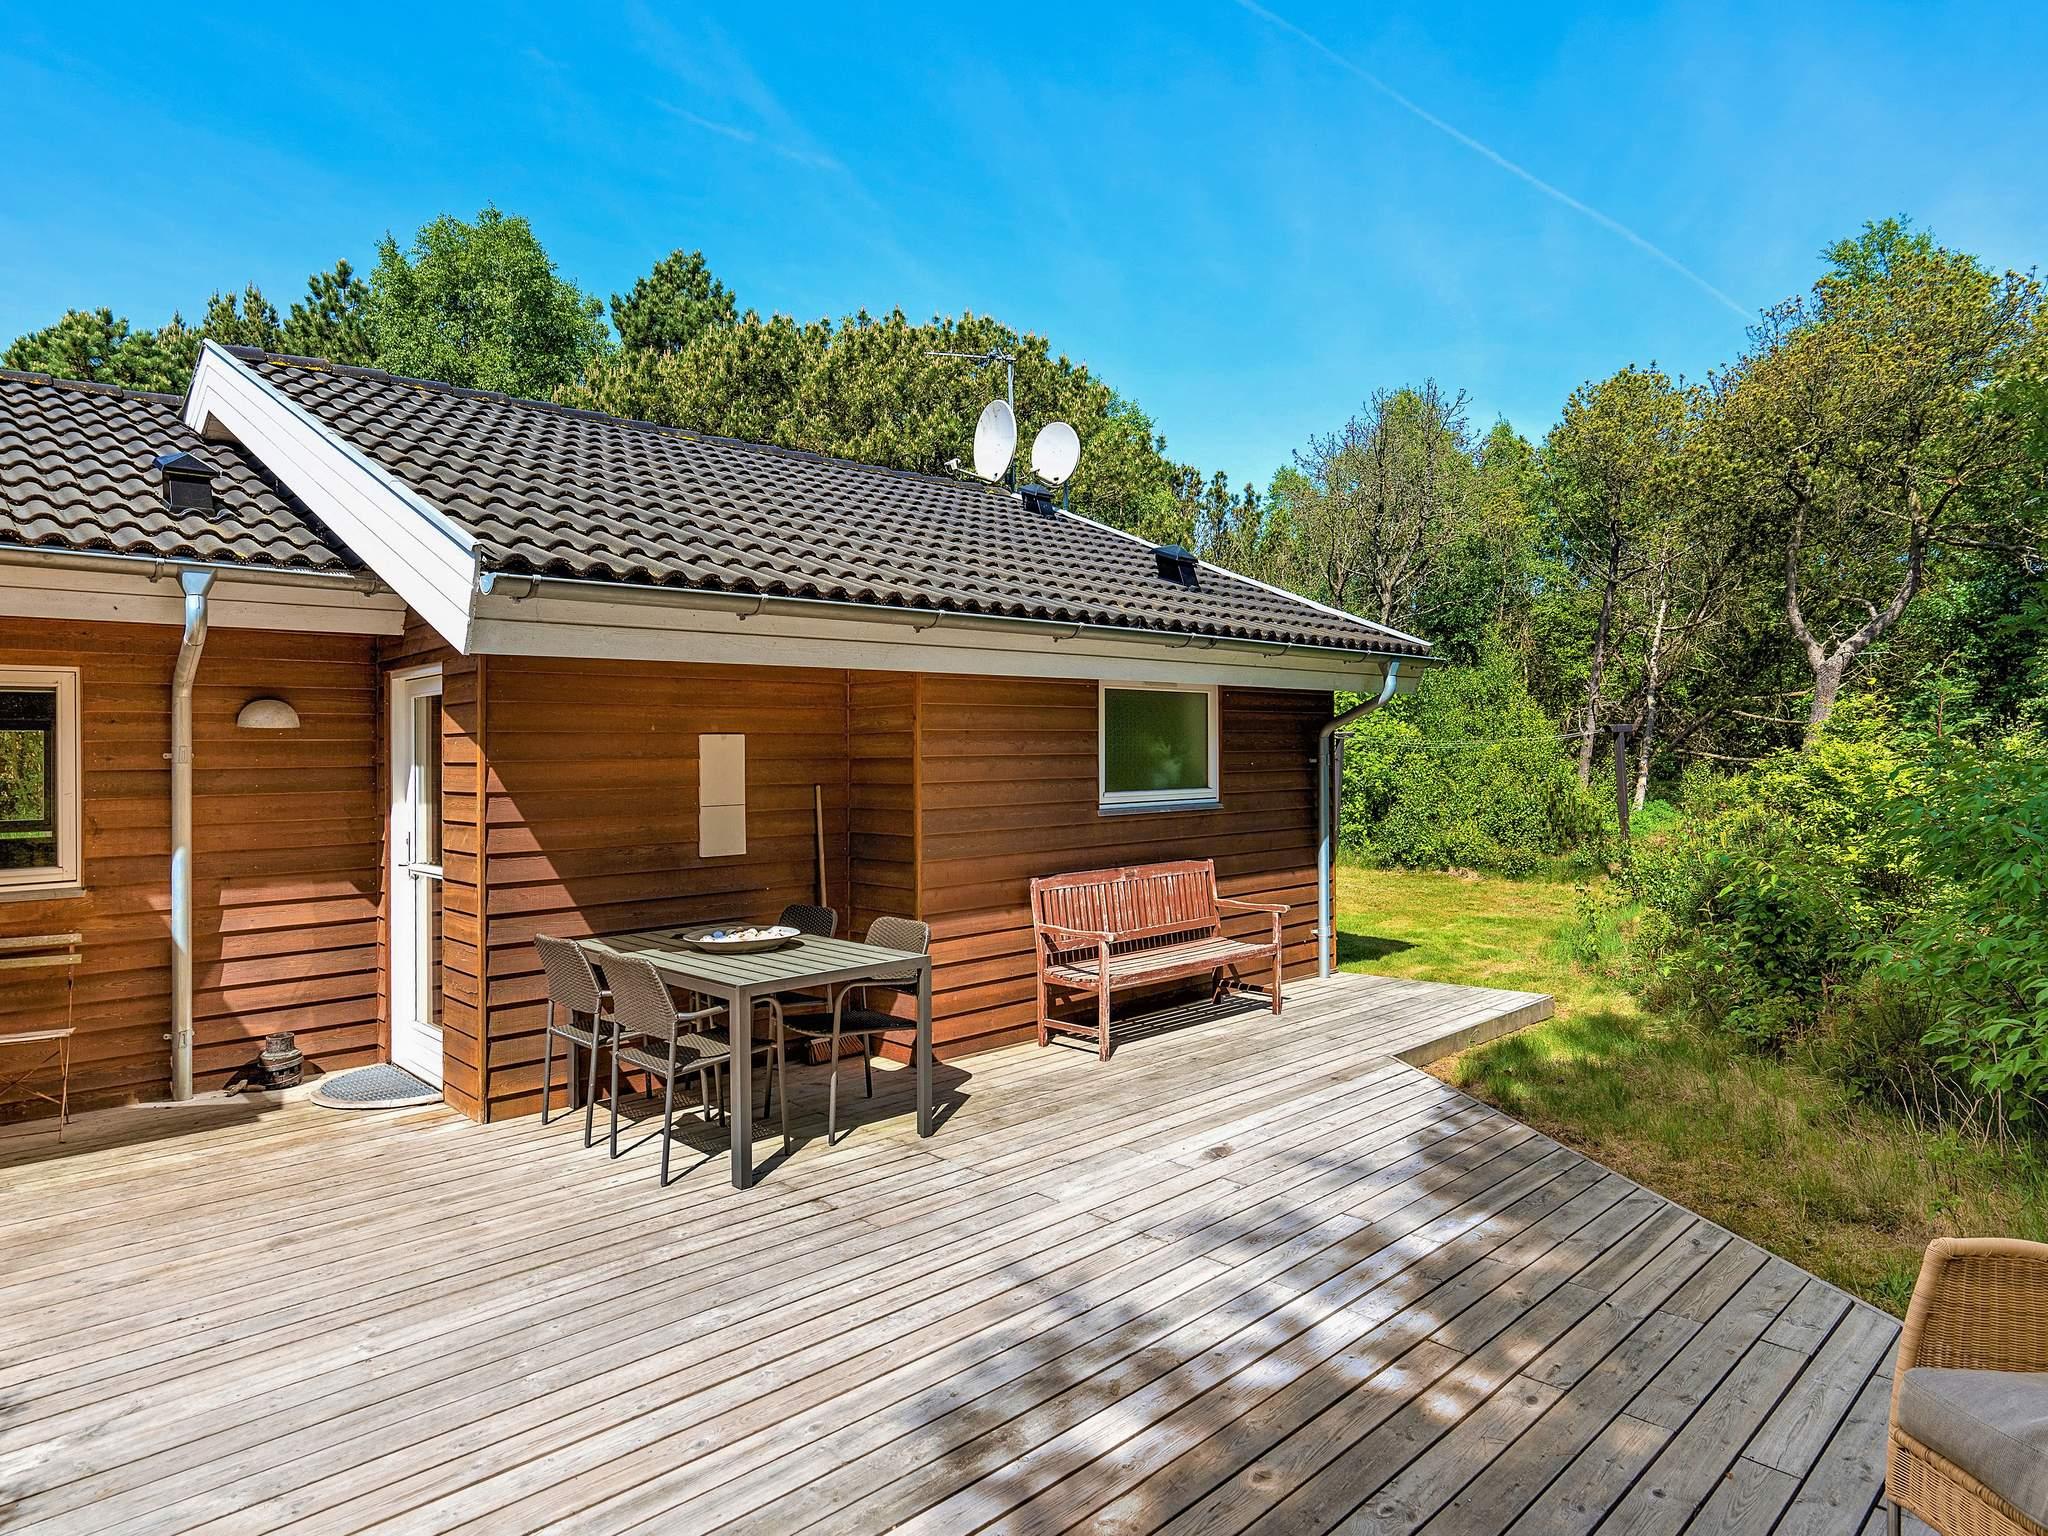 Ferienhaus Lodskovvad (657104), Lodskovvad, , Nordostjütland, Dänemark, Bild 21